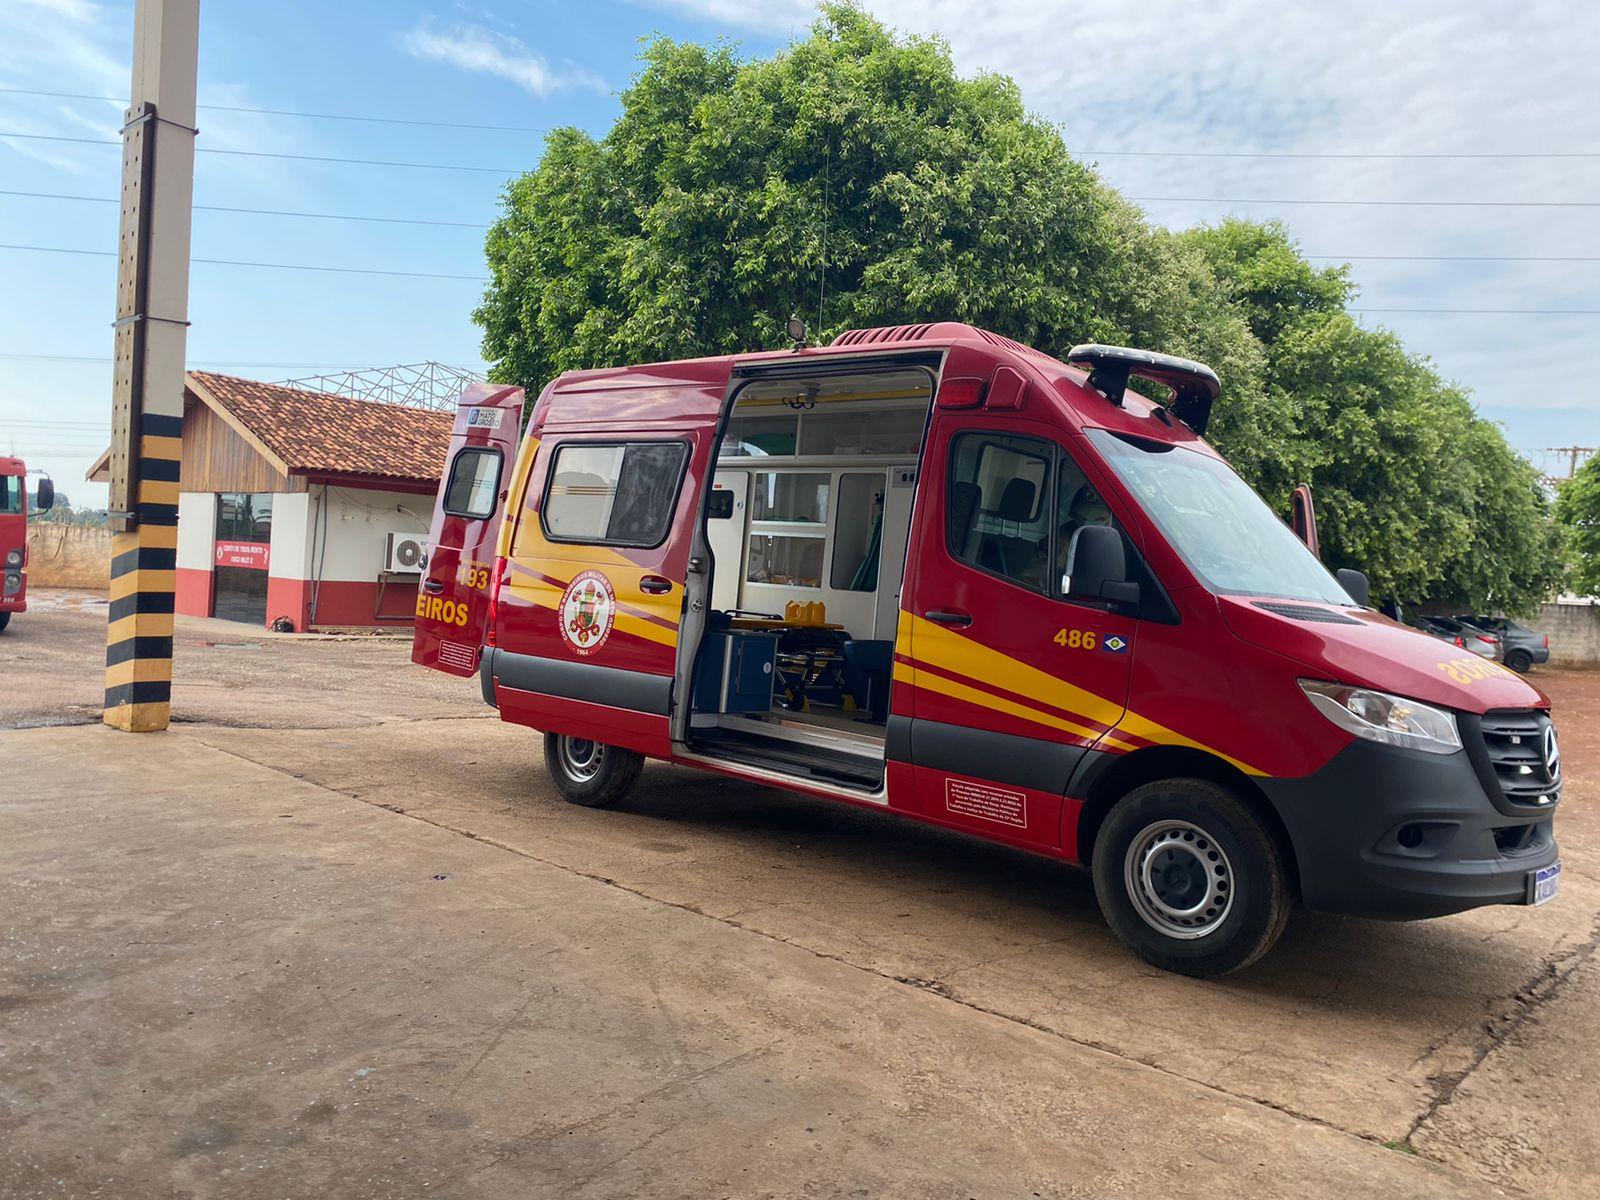 Bombeiros recebem nova ambulância para atendimentos pré-hospitalares 5